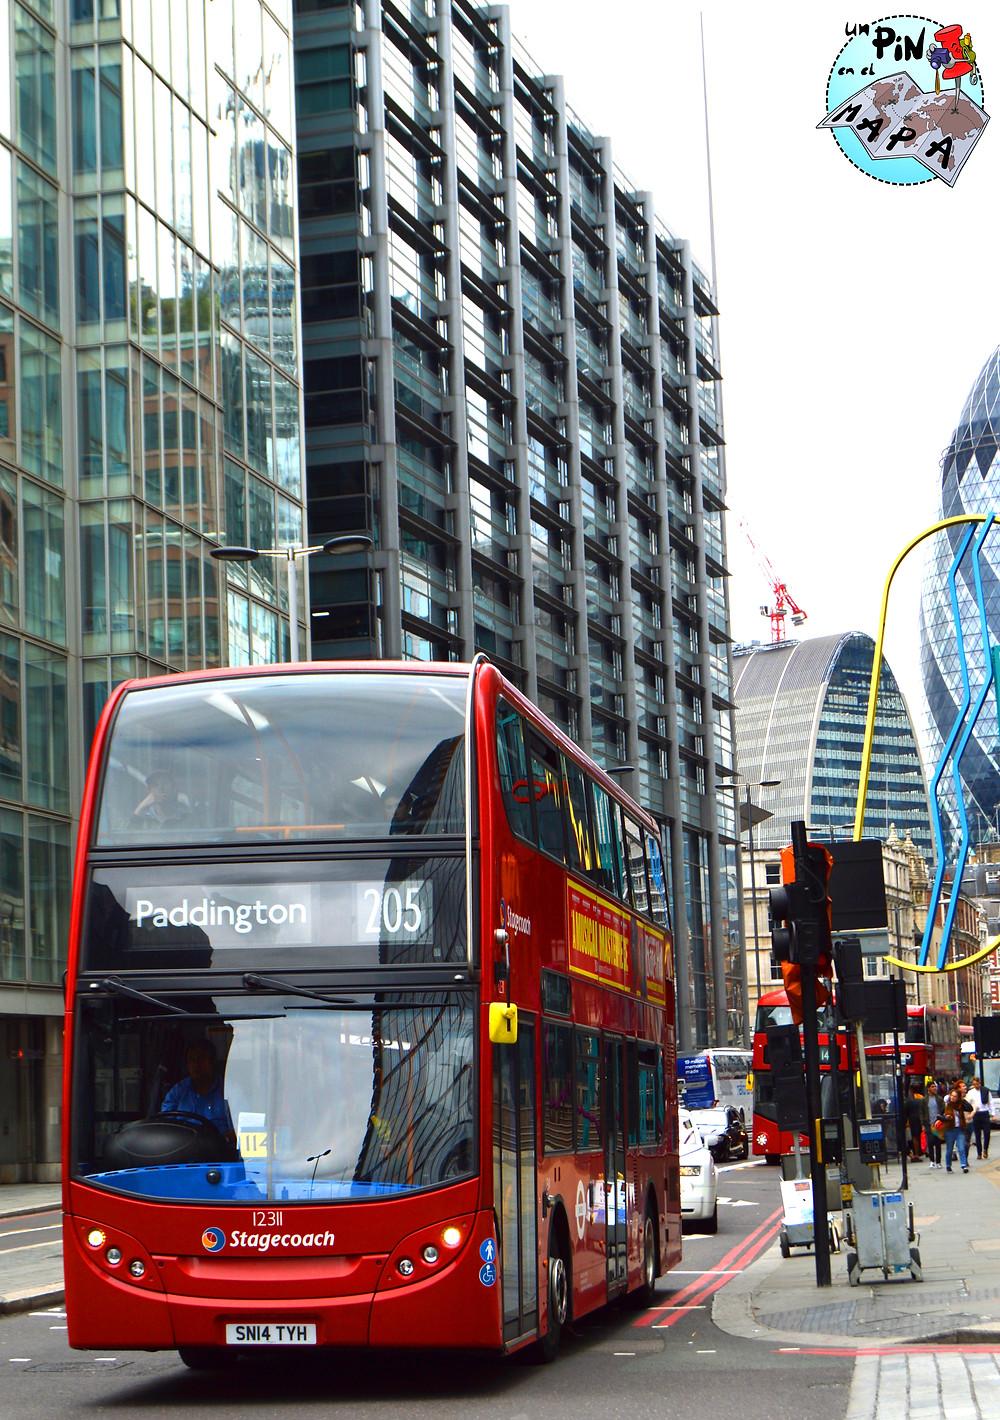 Bus en Londres | Un Pin en el Mapa